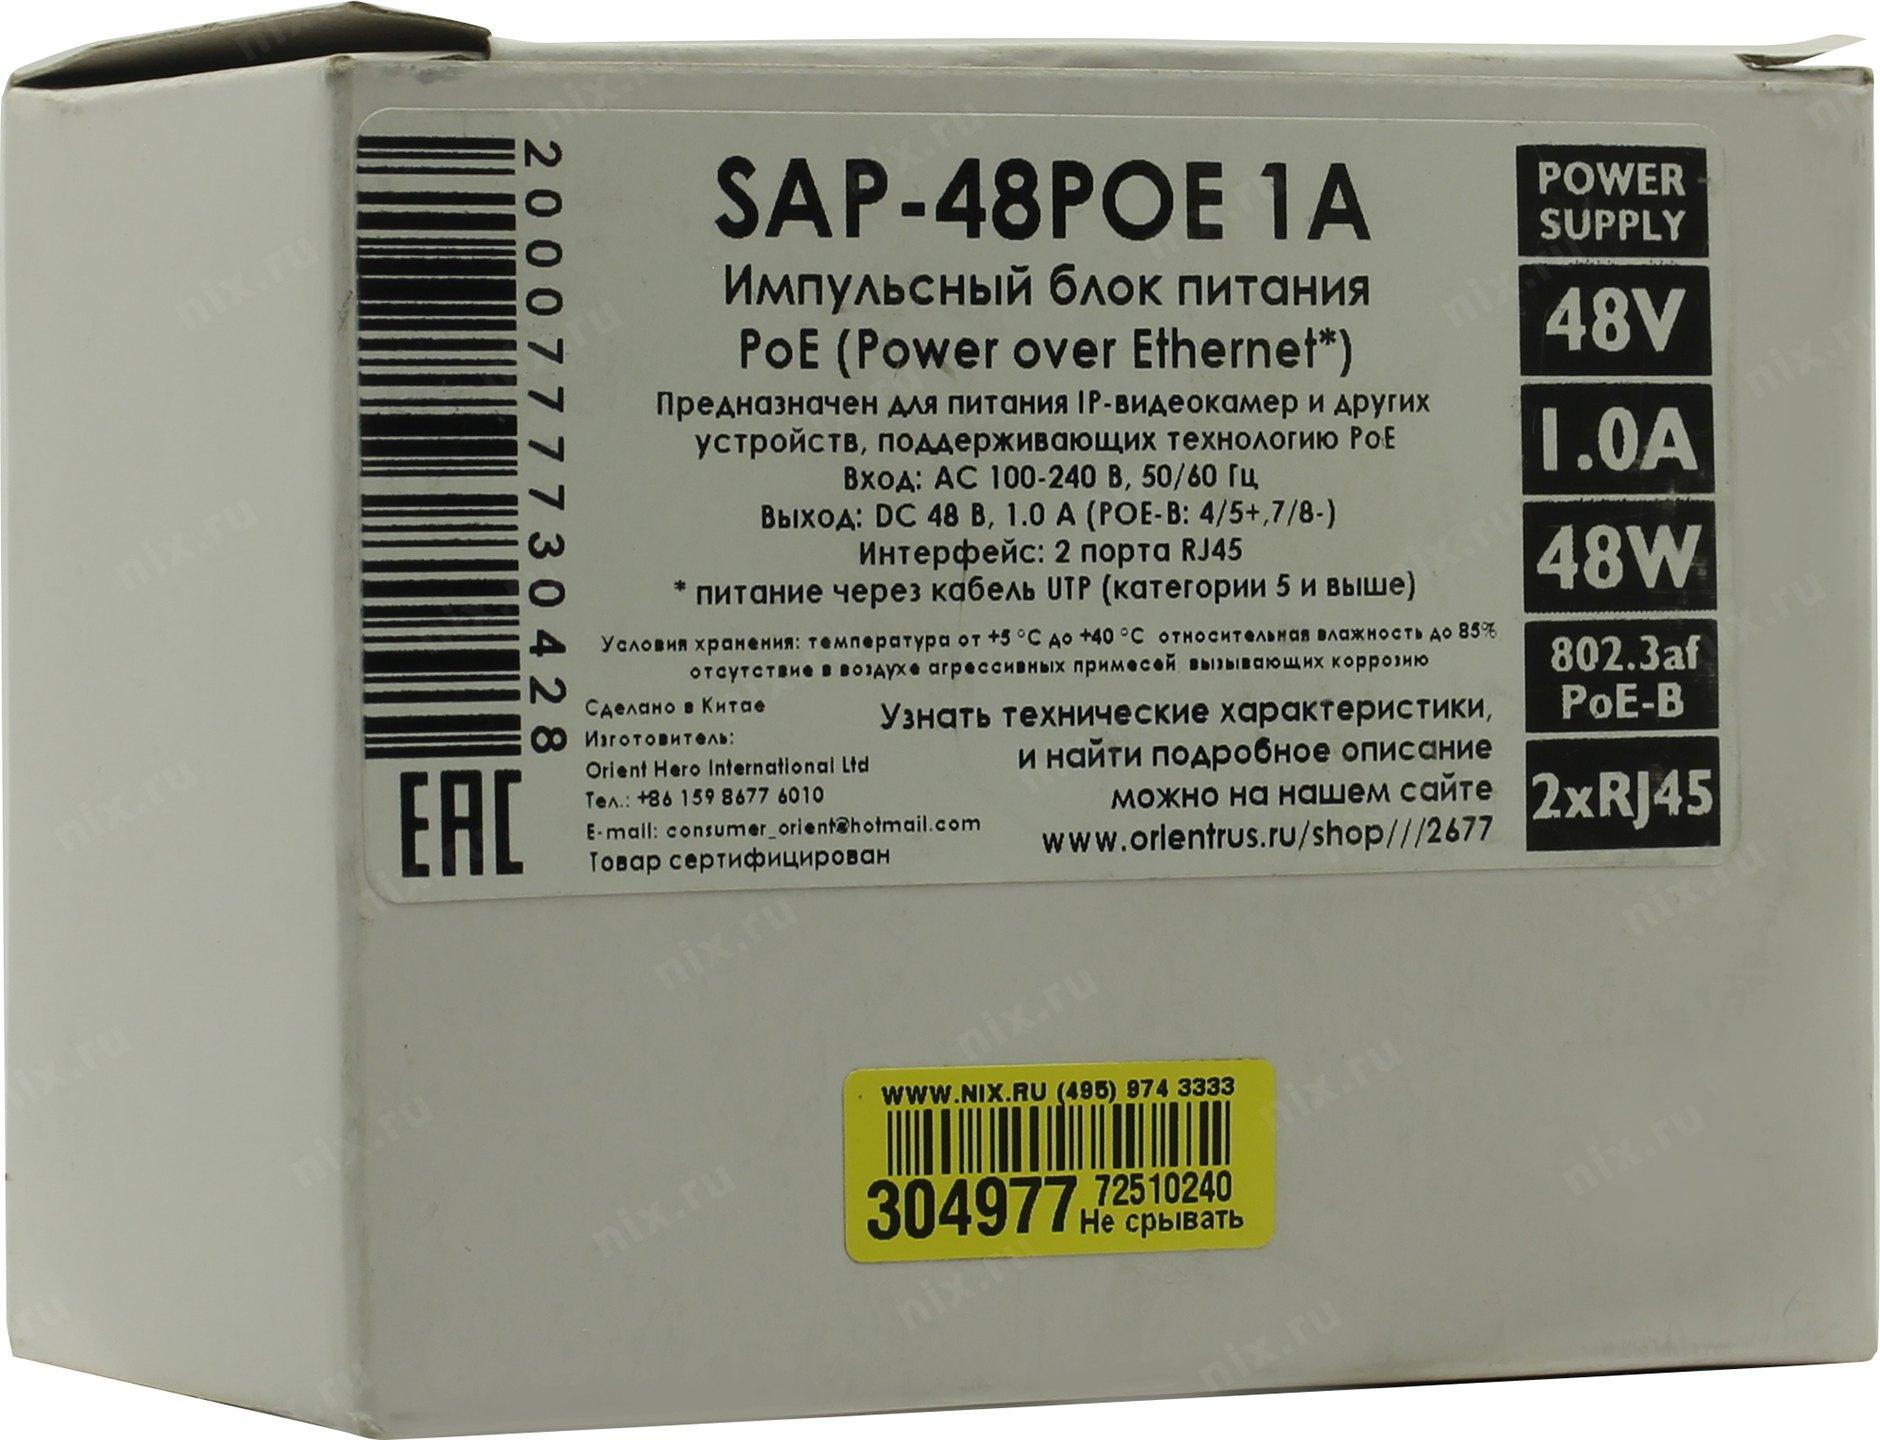 SAP-48POE 1A